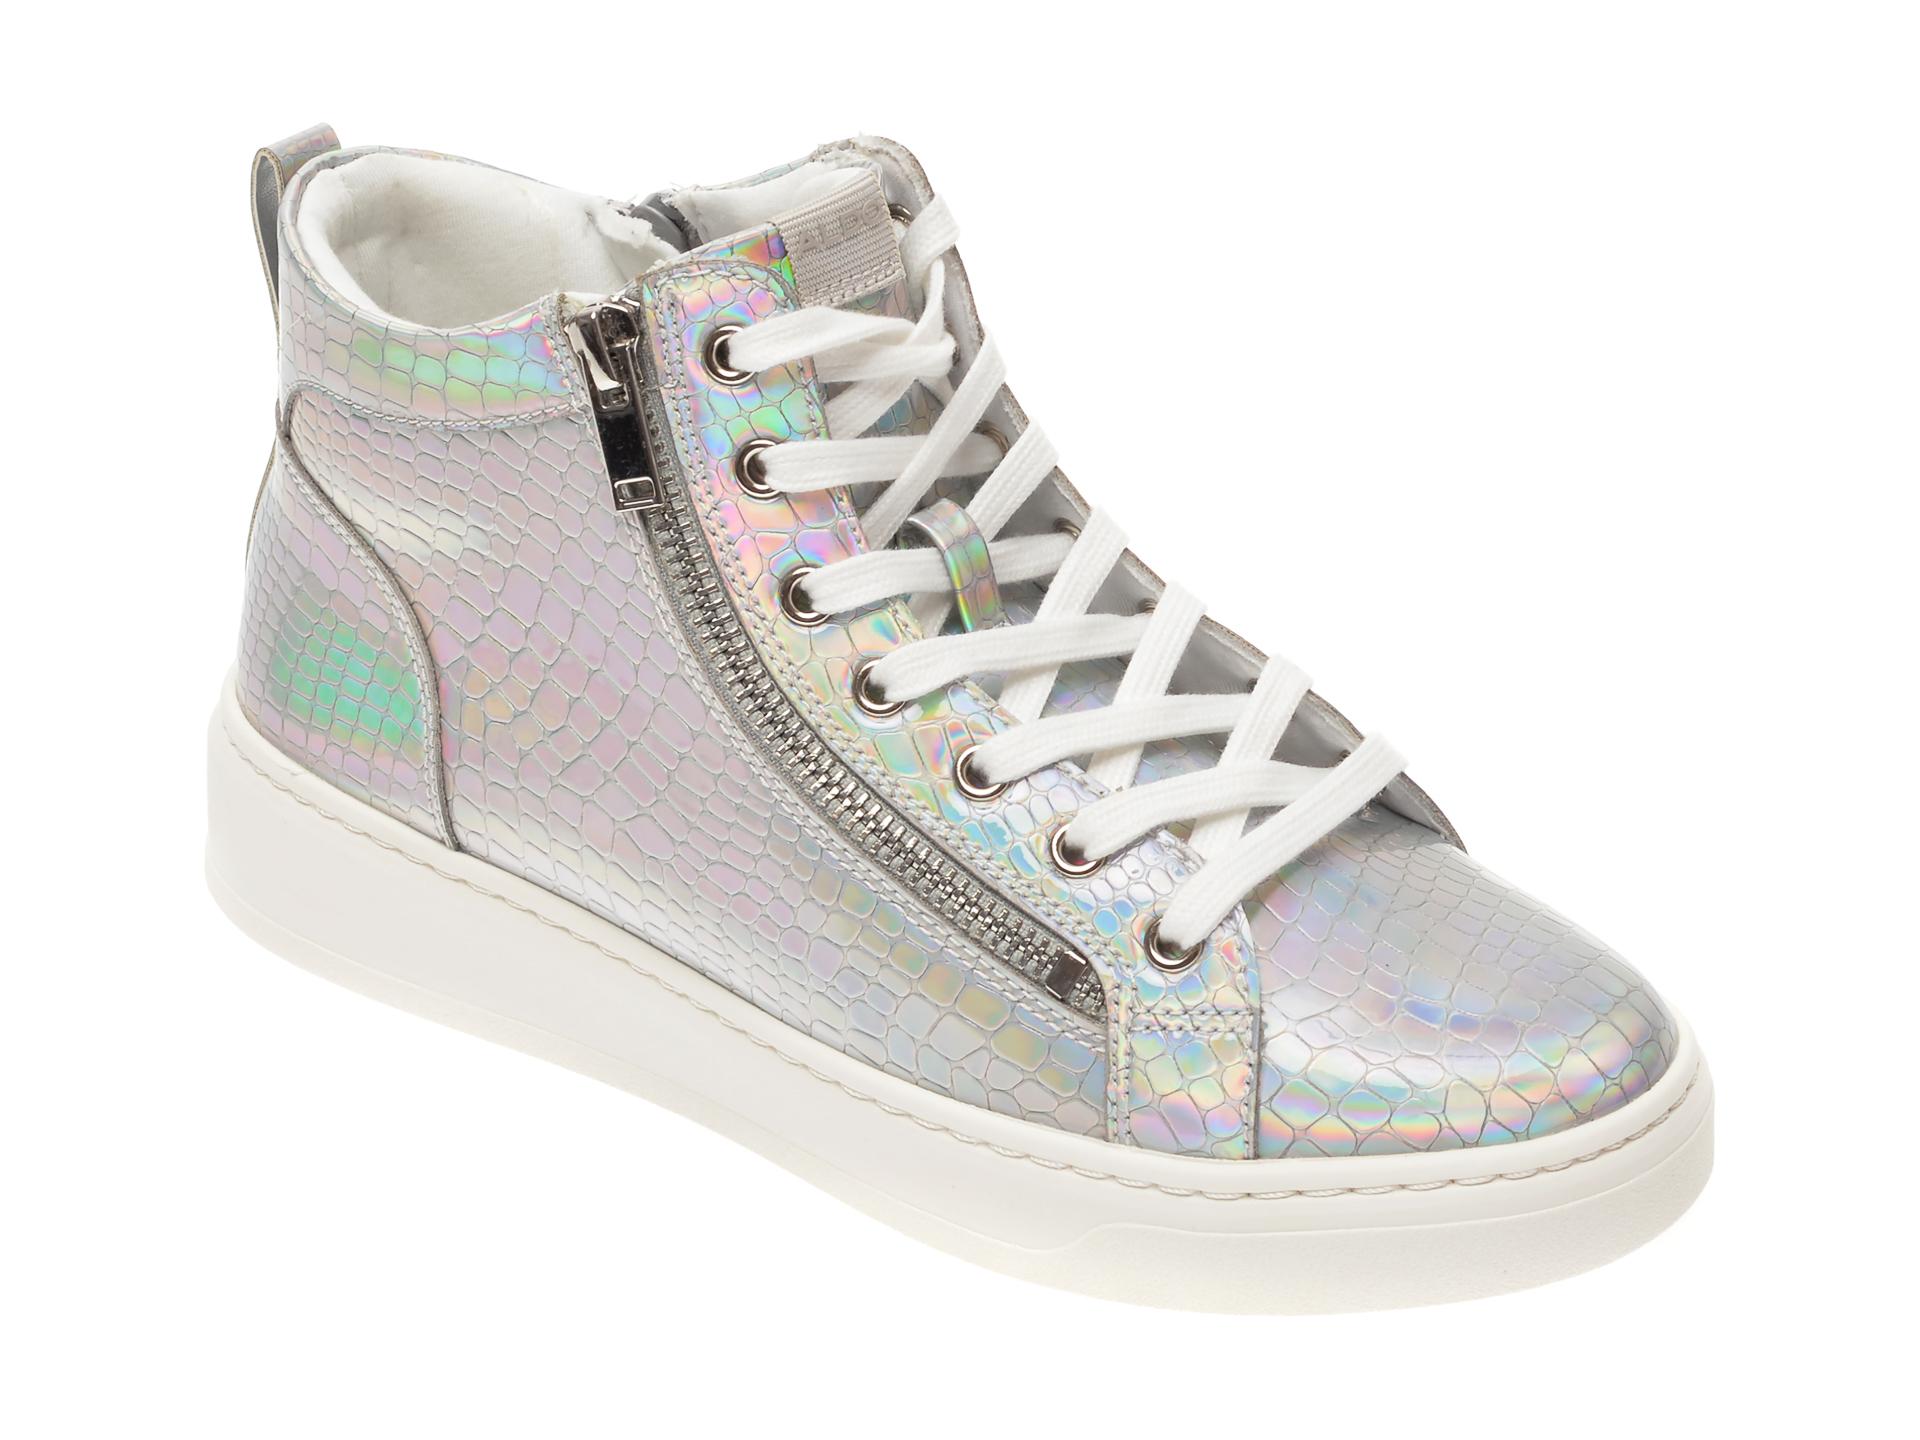 Pantofi sport ALDO argintii, Harleigh962, din piele ecologica imagine